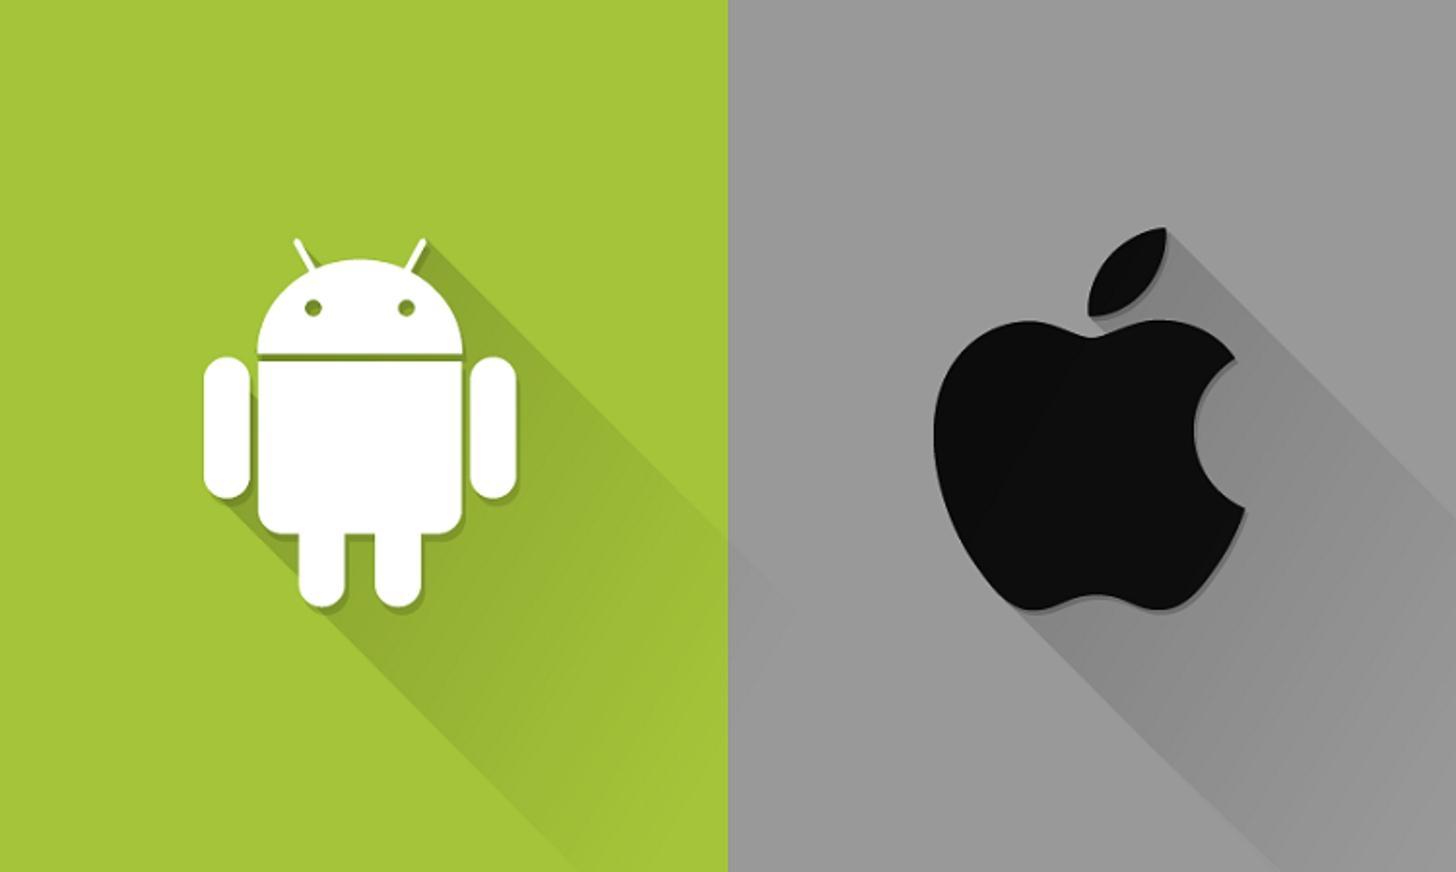 ANDROID или iOS для планшета: какую платформу выбрать